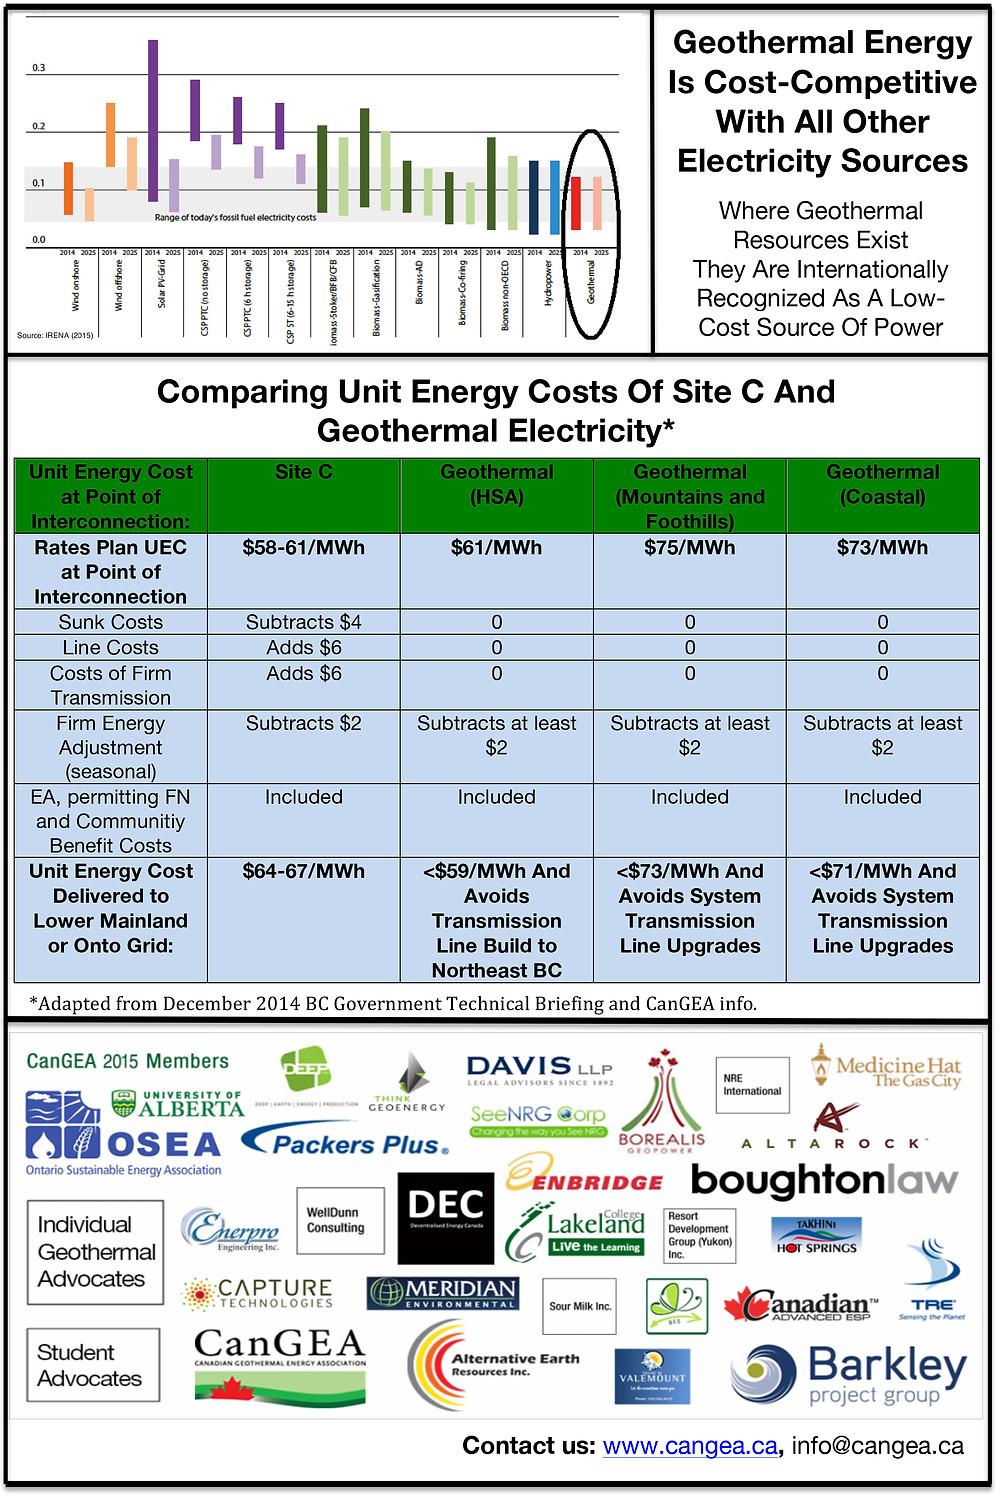 Geothermal Backgrounder May 25 2015-4.jpg